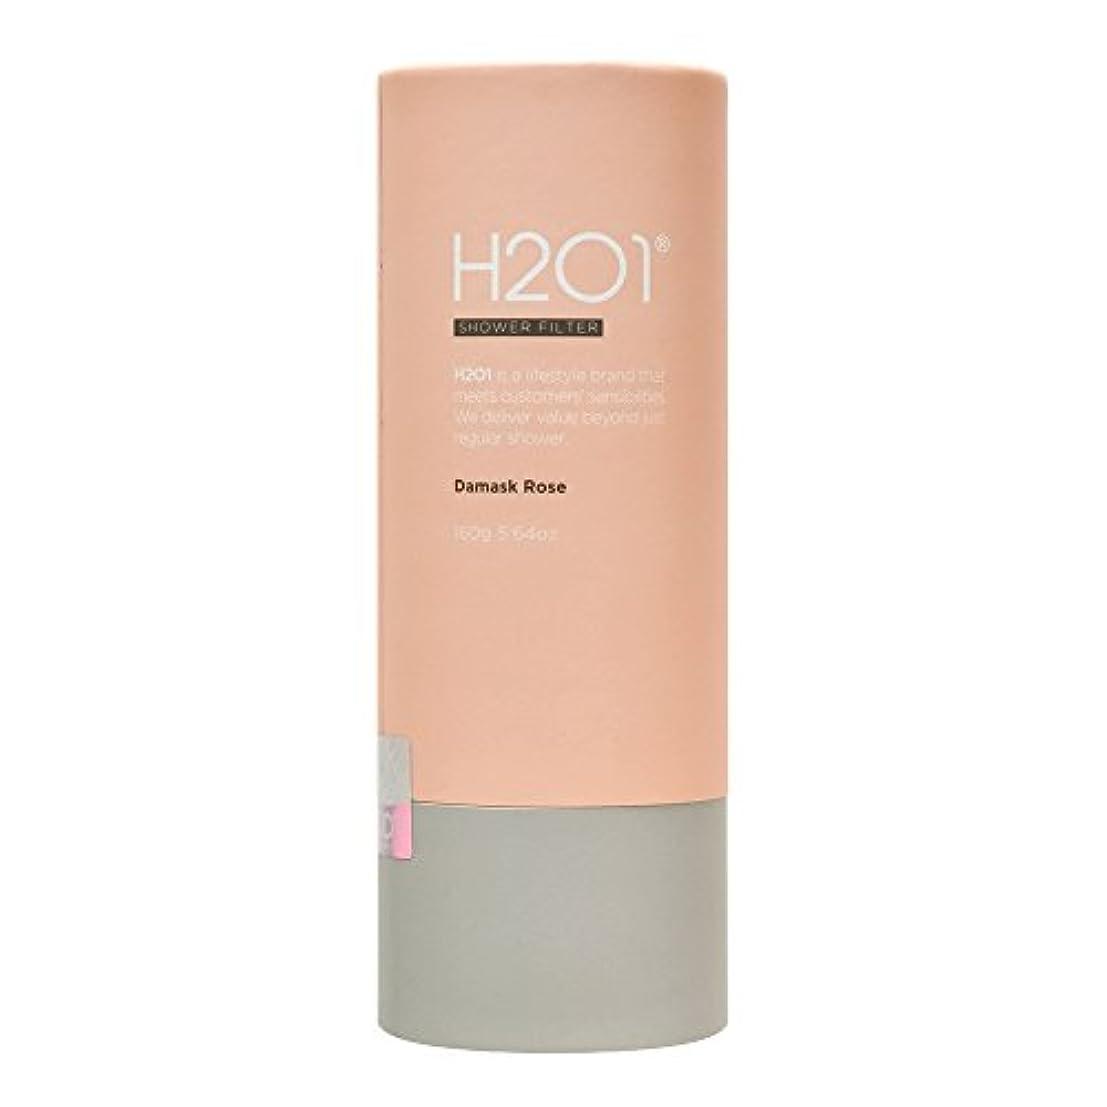 分類受け入れた規則性H2O1 (エイチツーオーワン) シャワーフィルター ダマスクローズ